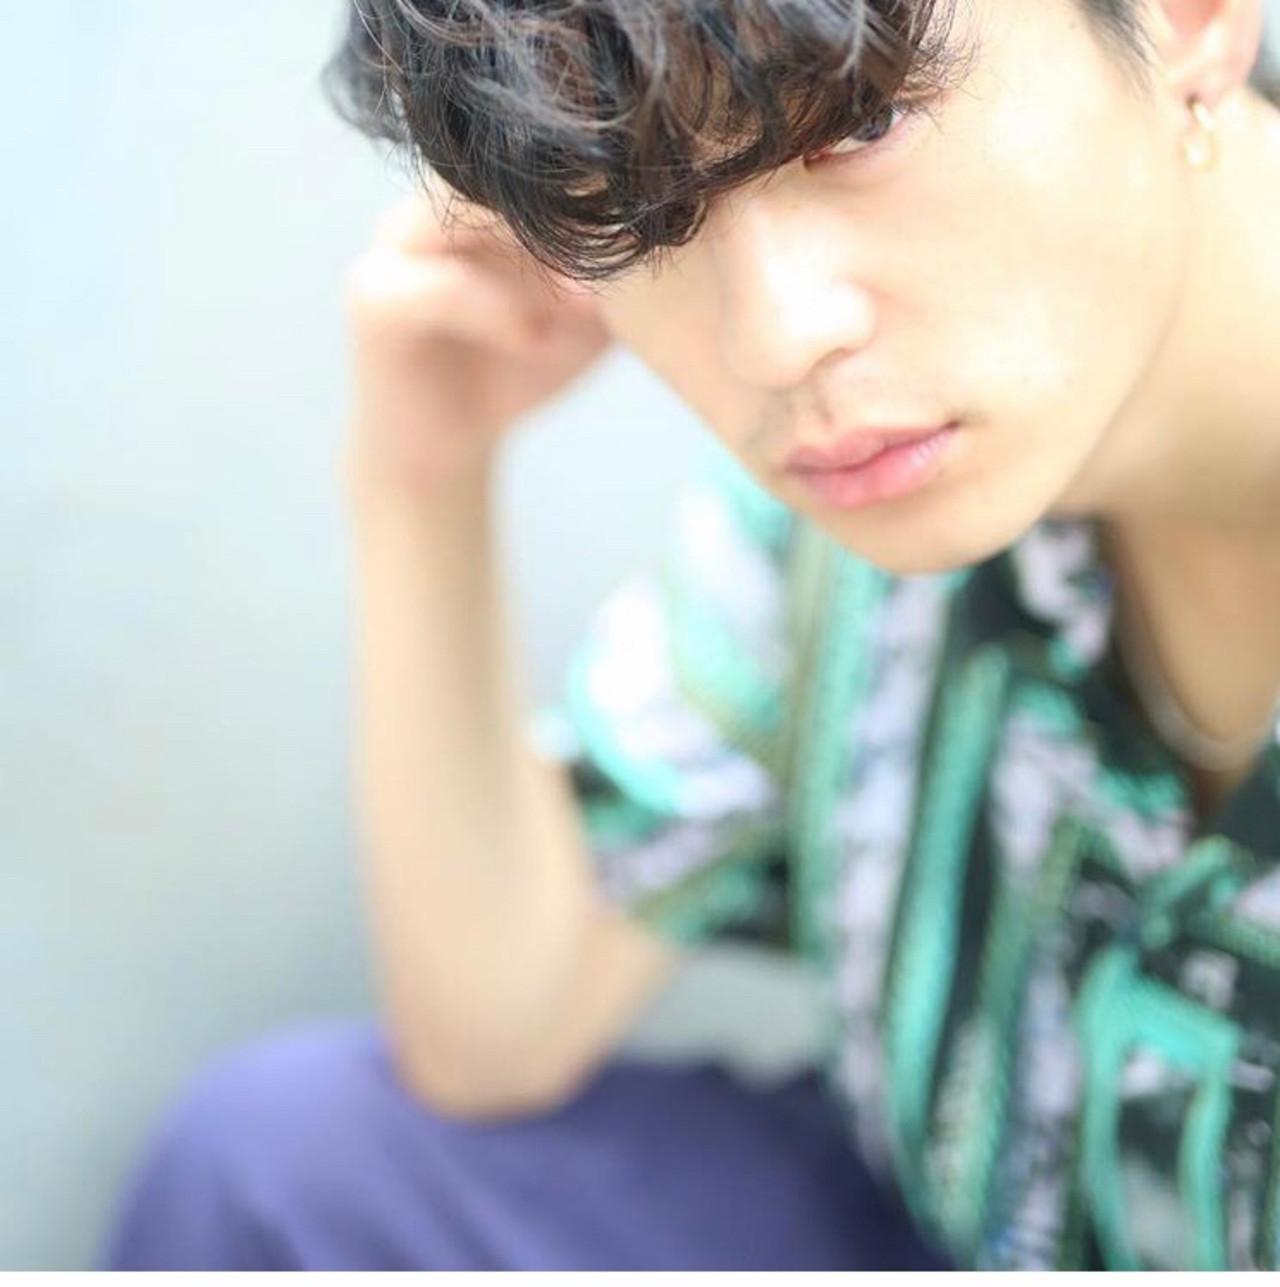 メンズマッシュ メンズショート ショート メンズカジュアル ヘアスタイルや髪型の写真・画像 | 澤江 啓司 / K-two KYOTO